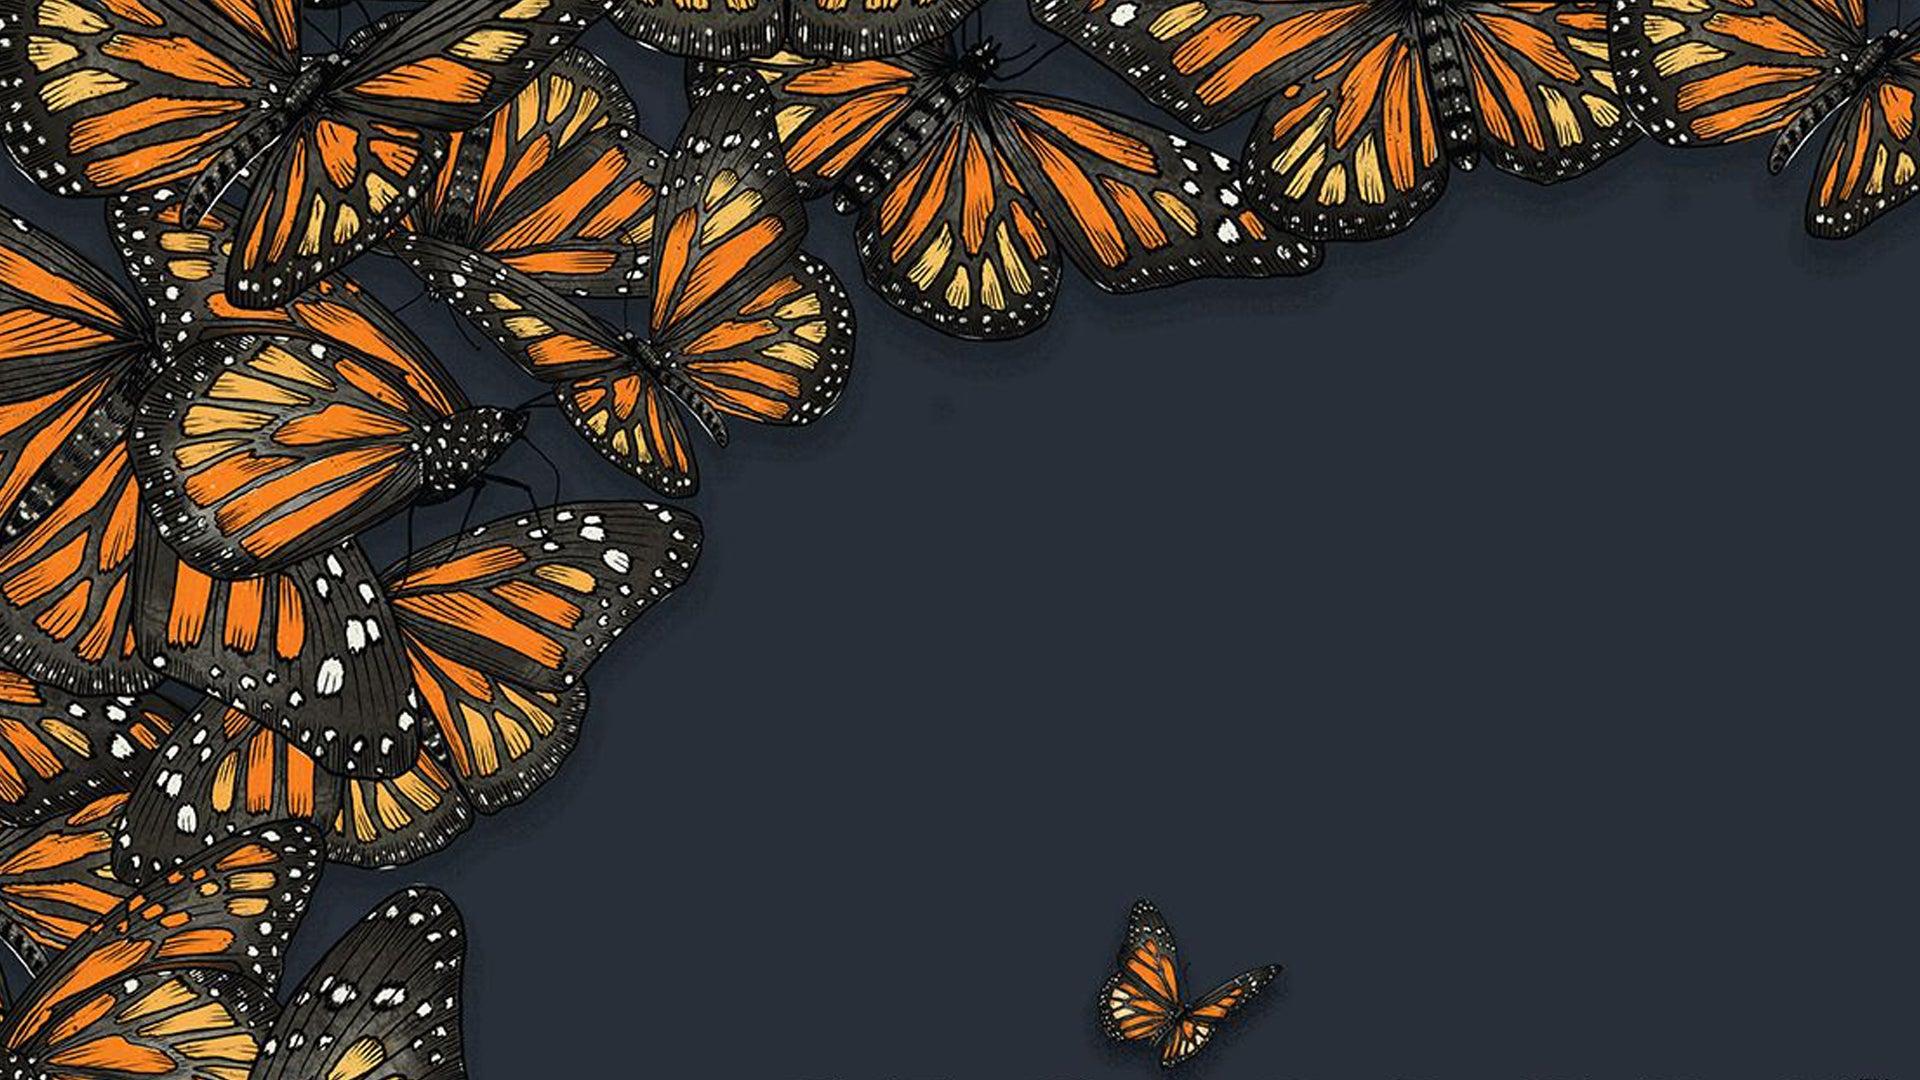 Mariposas board game artwork